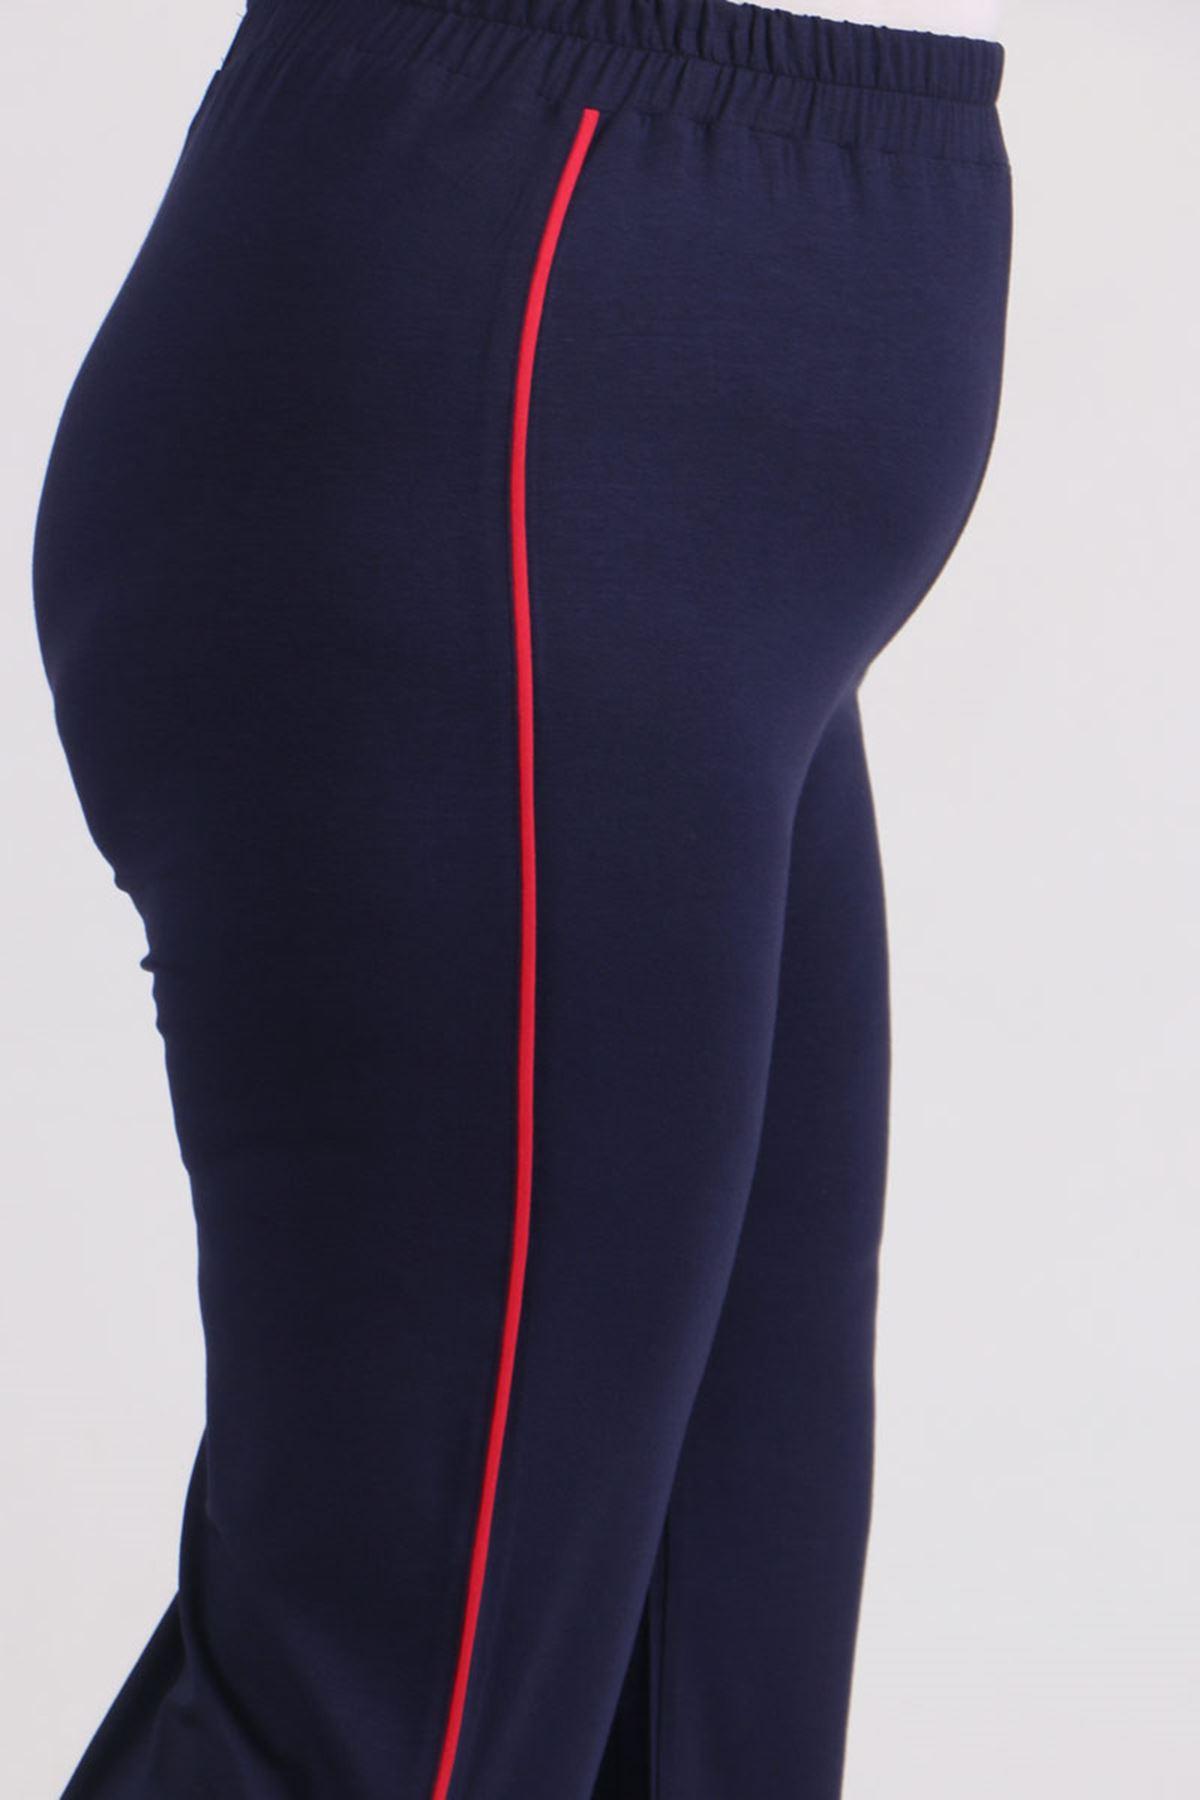 9534 Plus Size Combed Cotton Sweatpants - Navy Blue